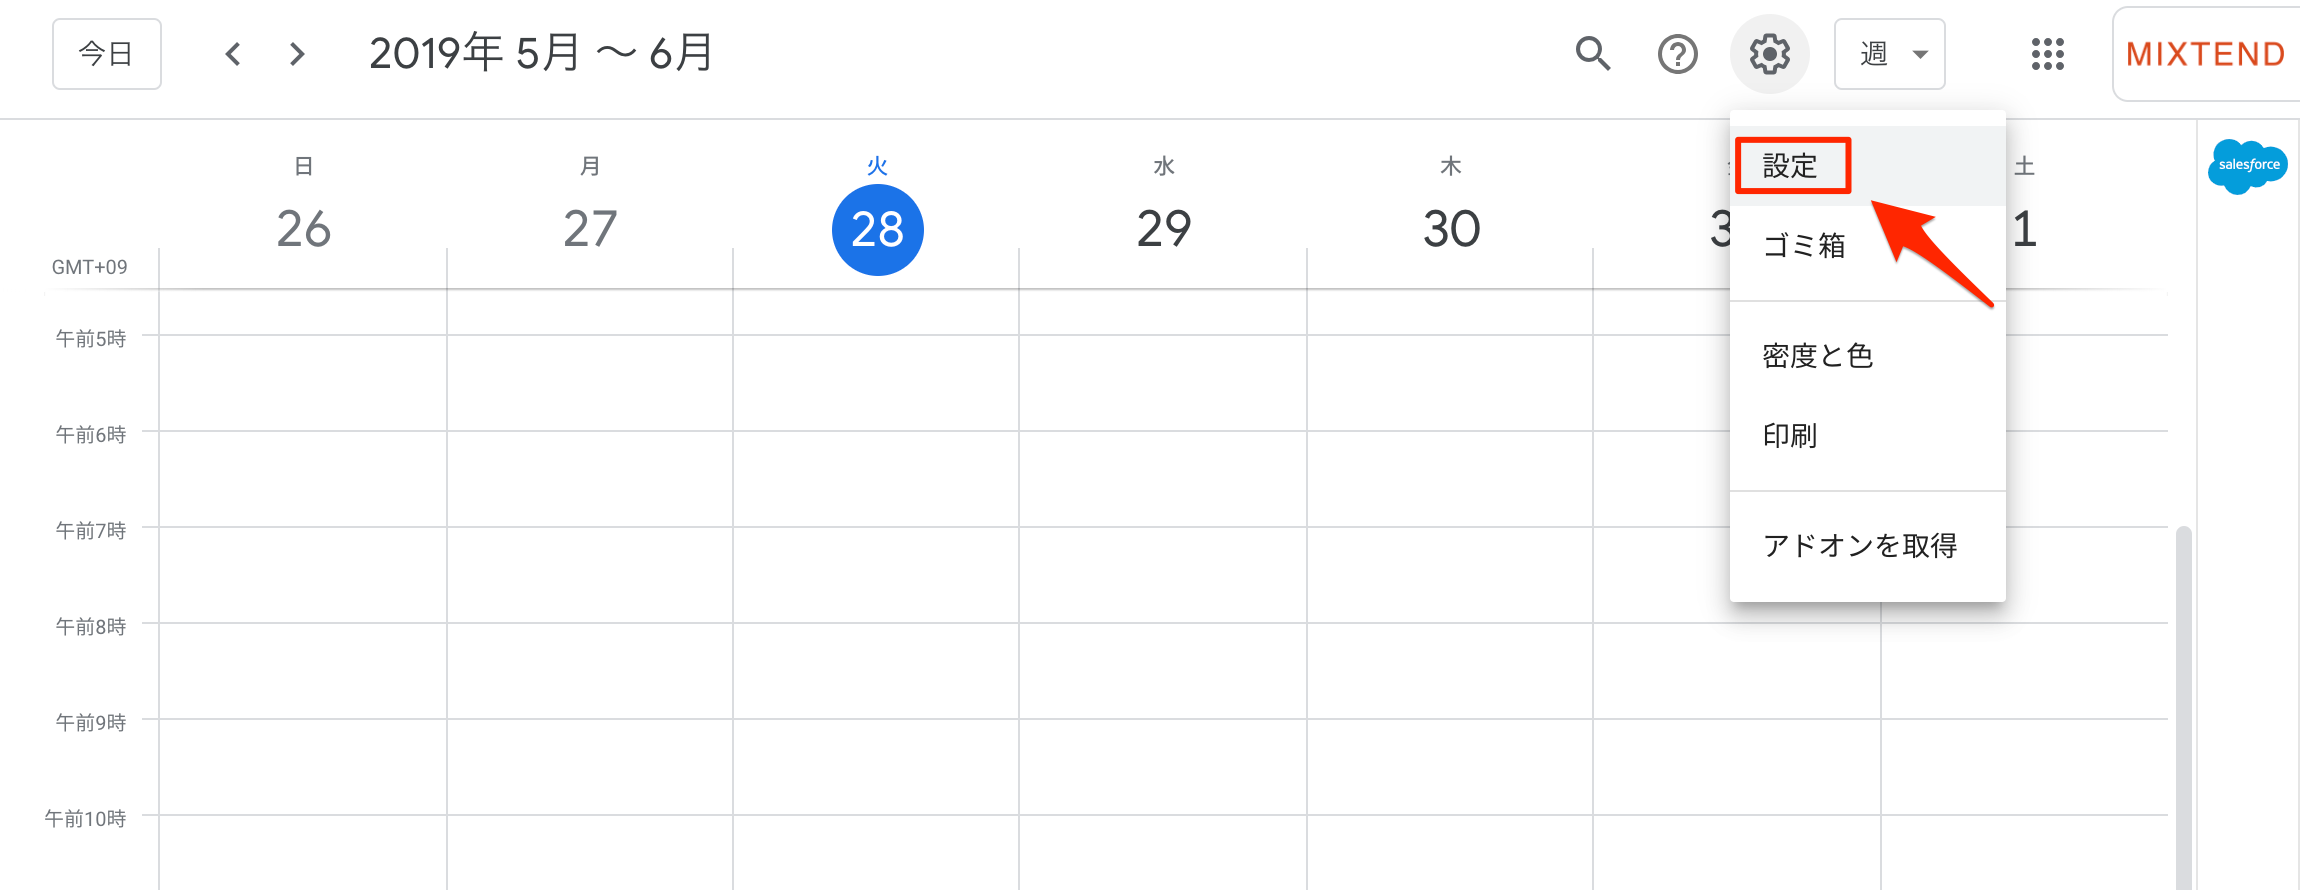 調整さんカレンダー